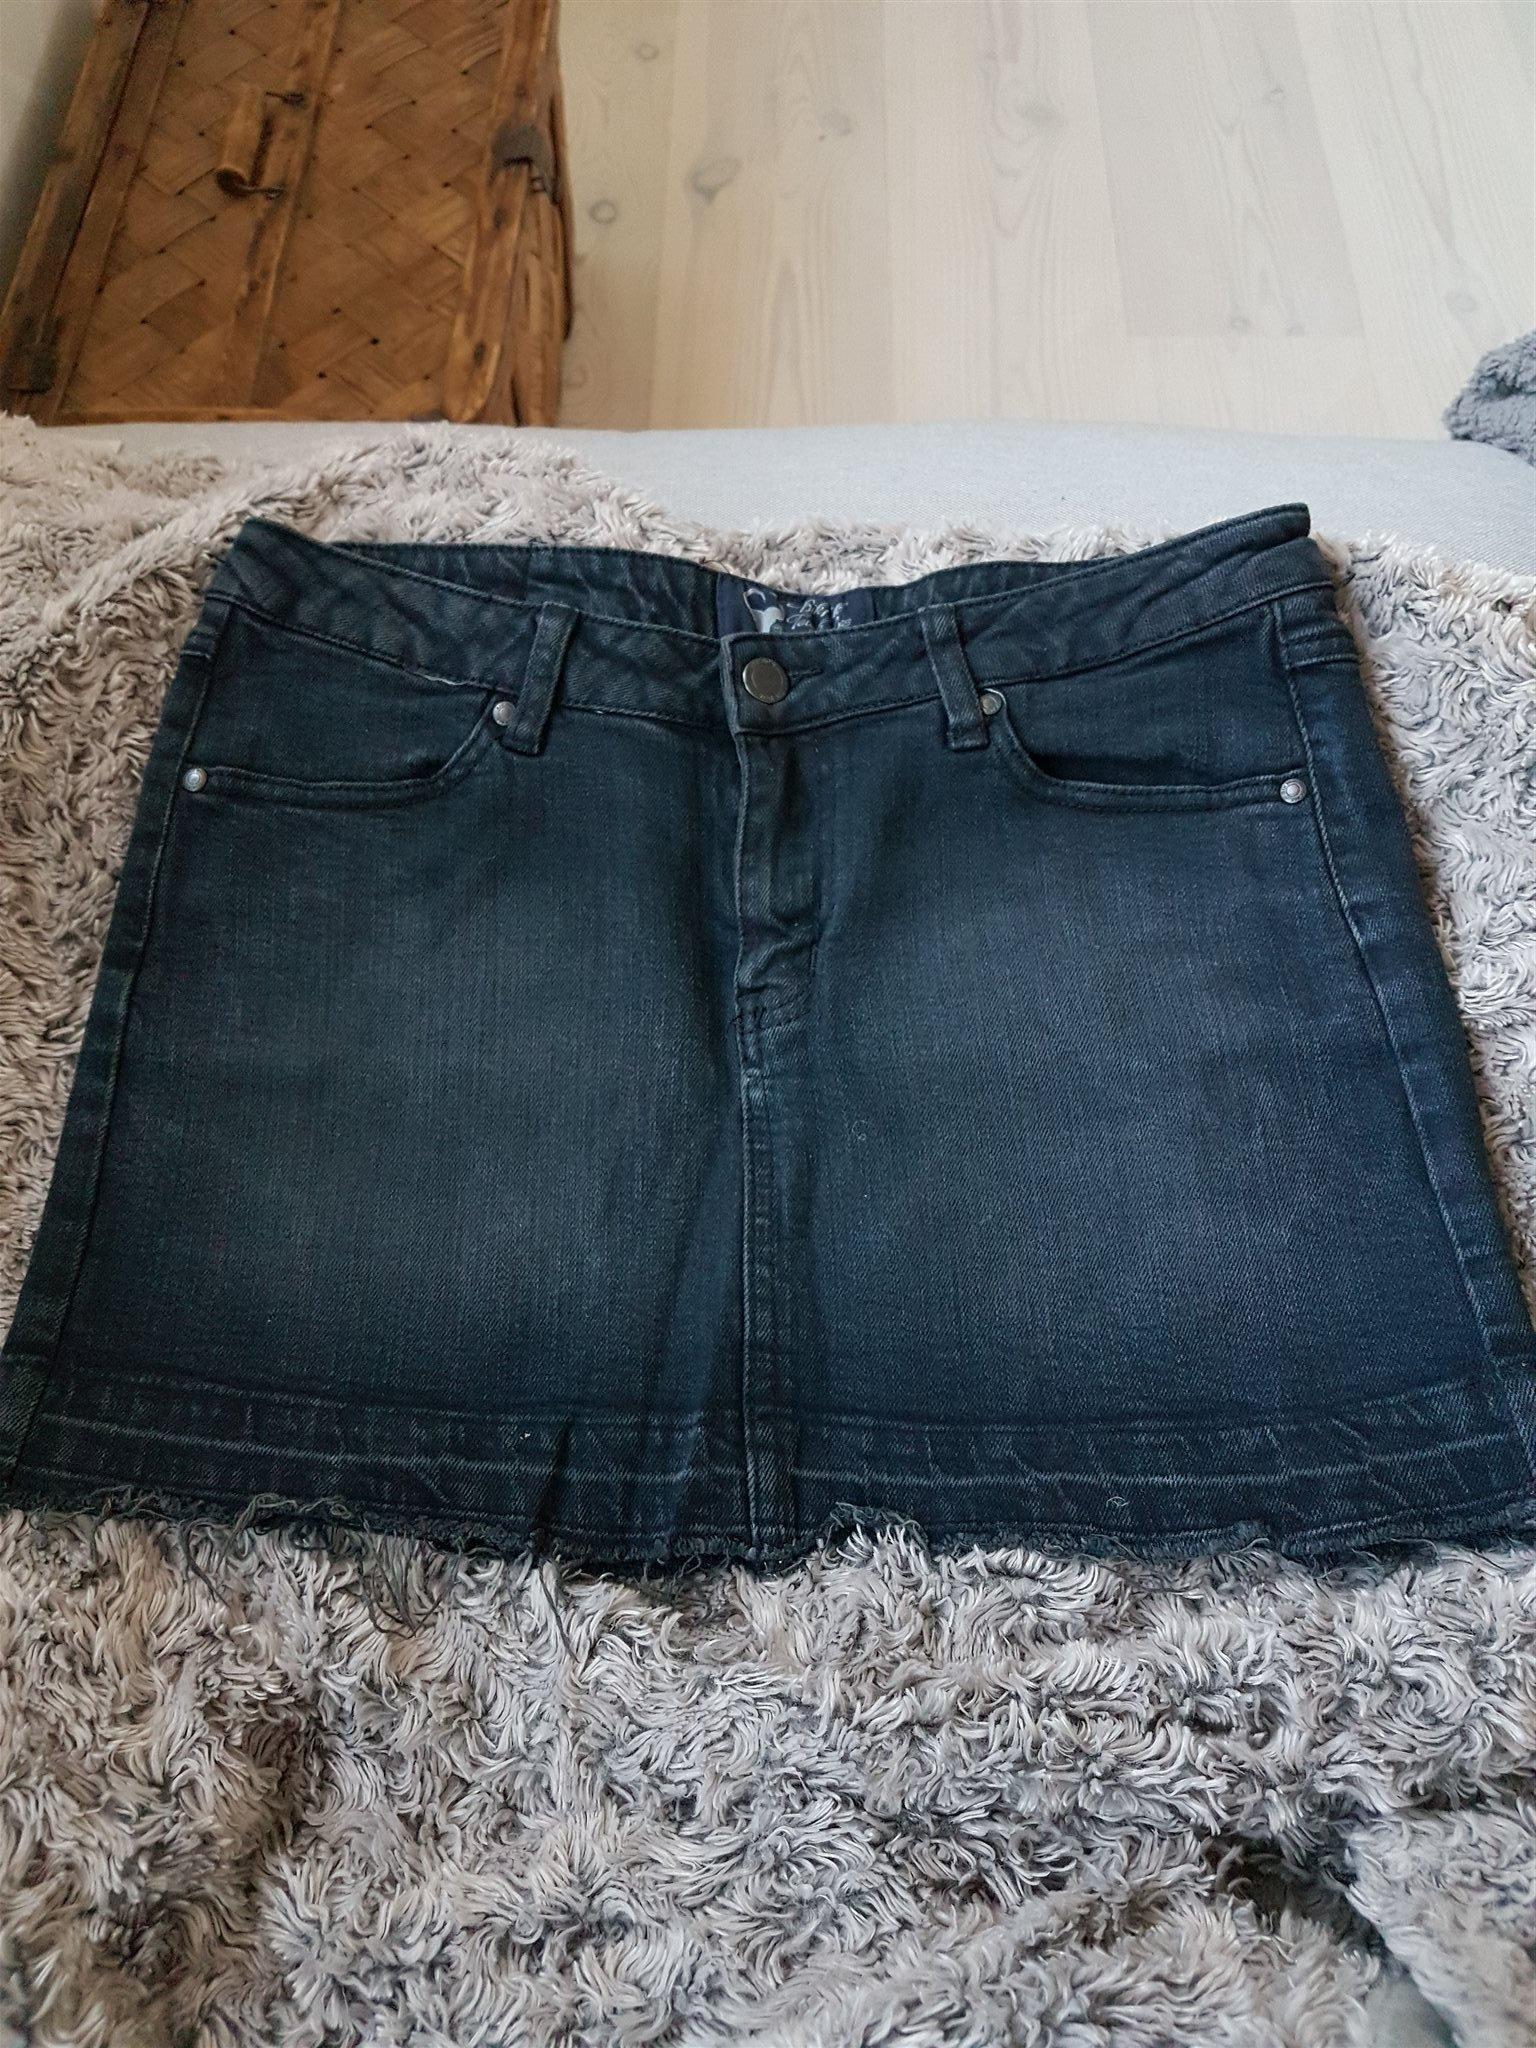 775d0cae541a Svart vintagelook kort jeanskjol stl. M (354074148) ᐈ Köp på Tradera